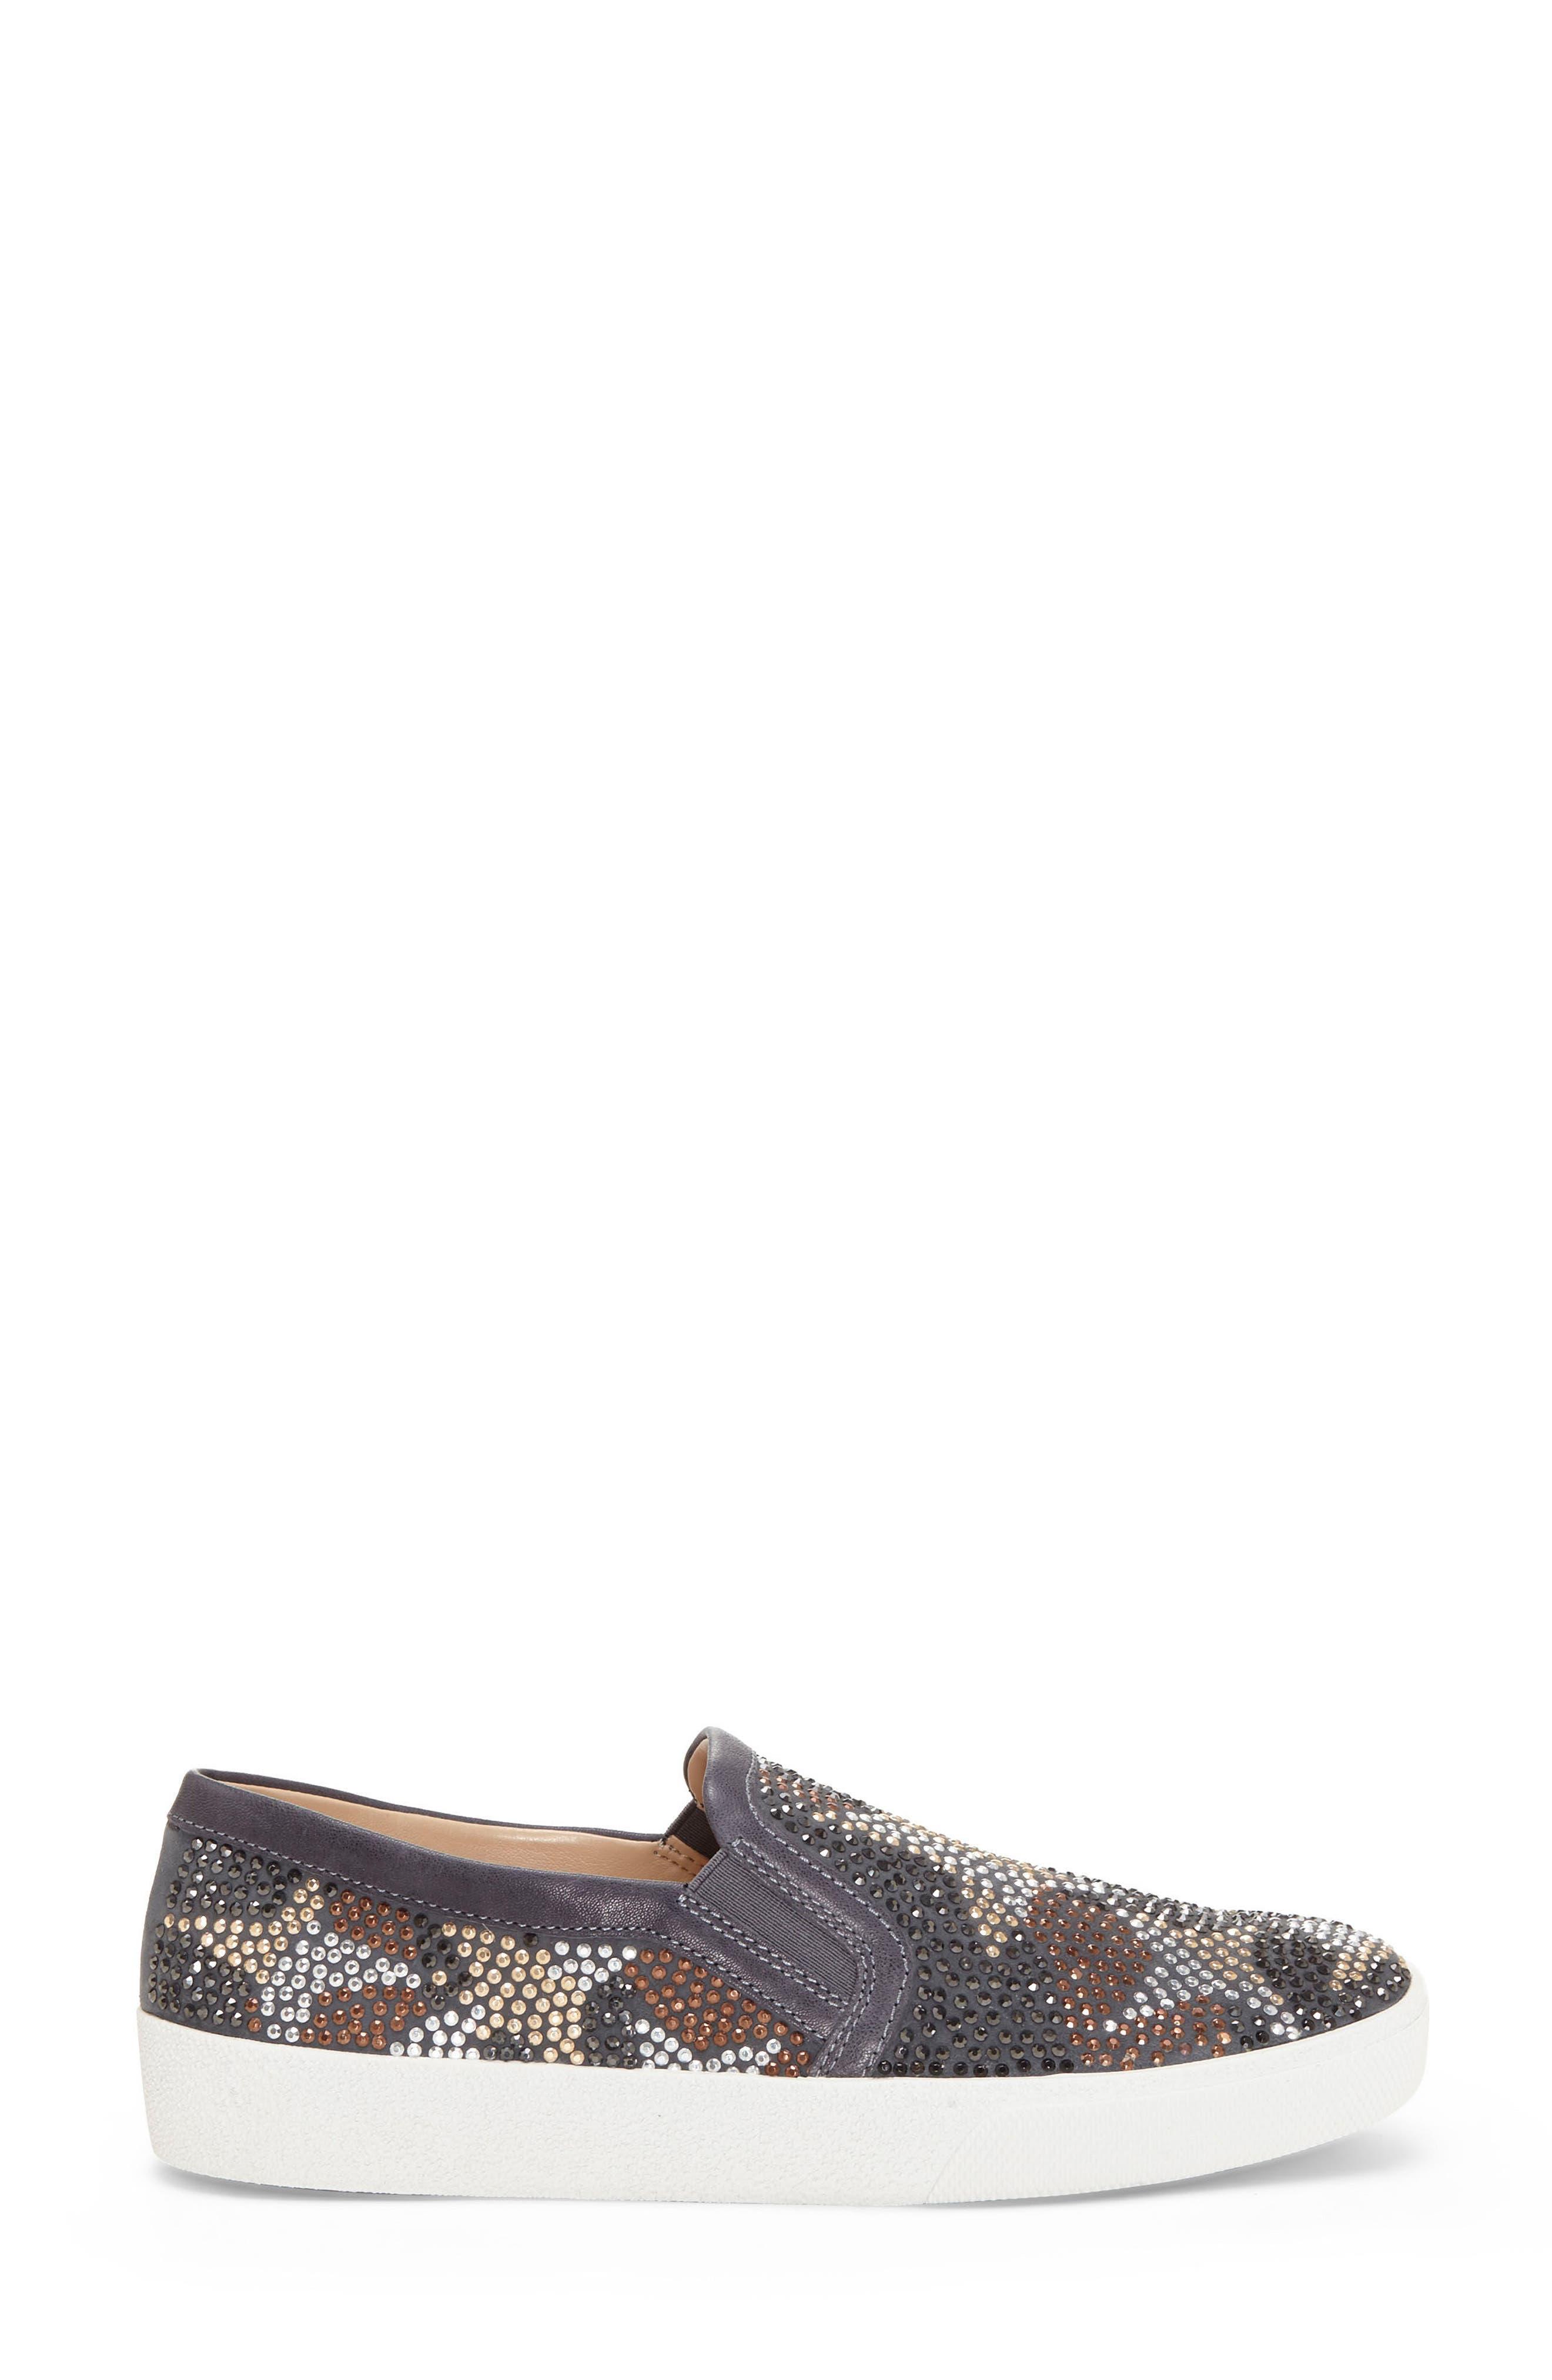 Canita Slip-On Sneaker,                             Alternate thumbnail 8, color,